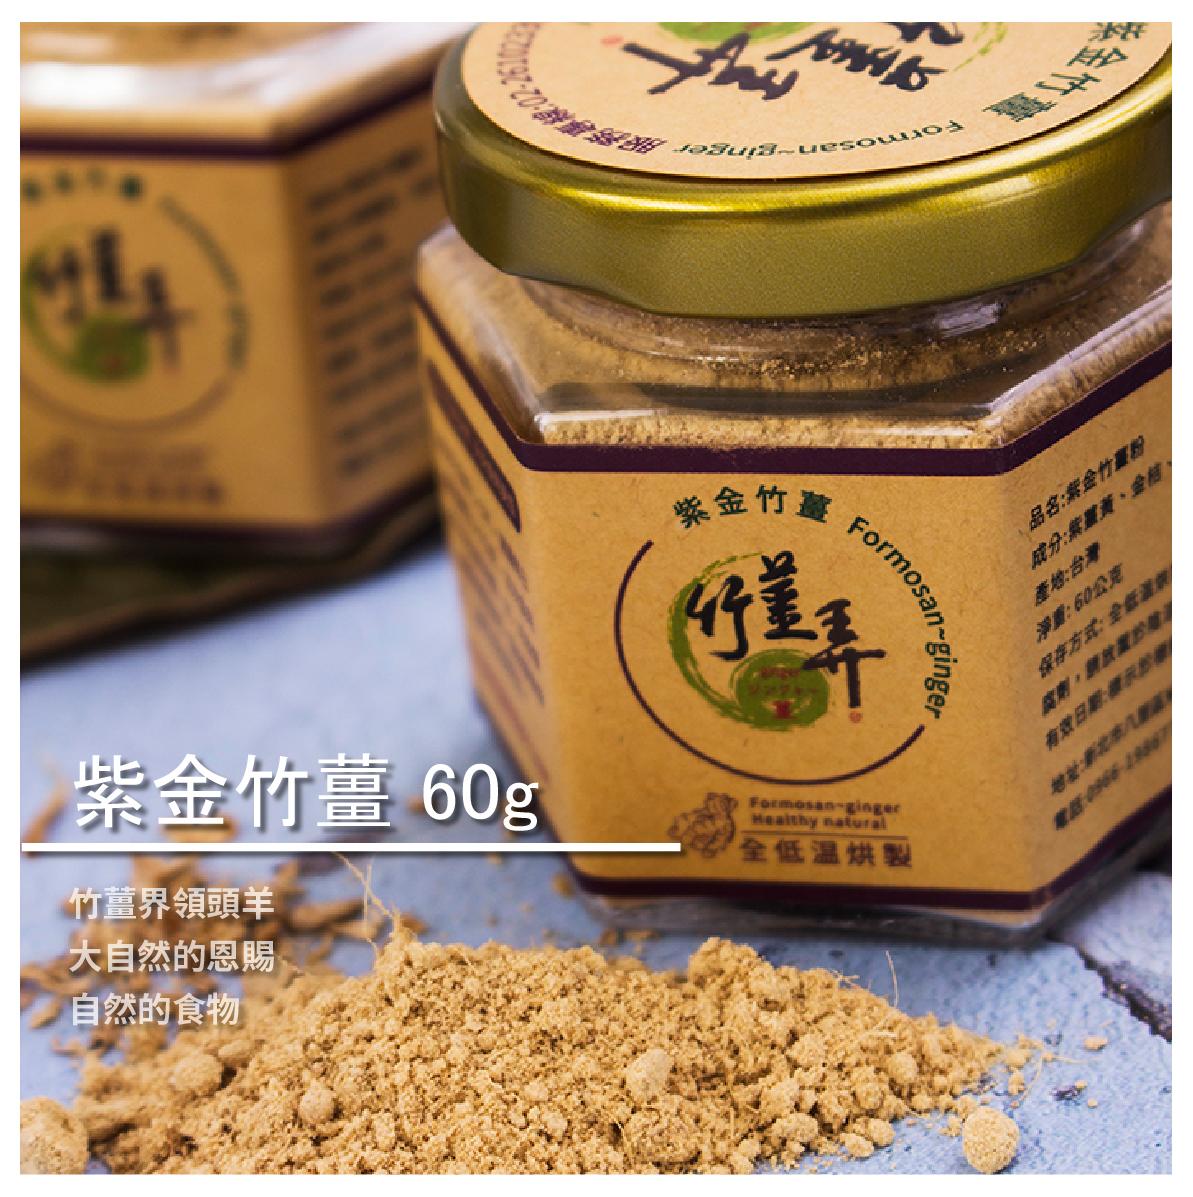 【竹薑弄】紫金竹薑/60g/瓶